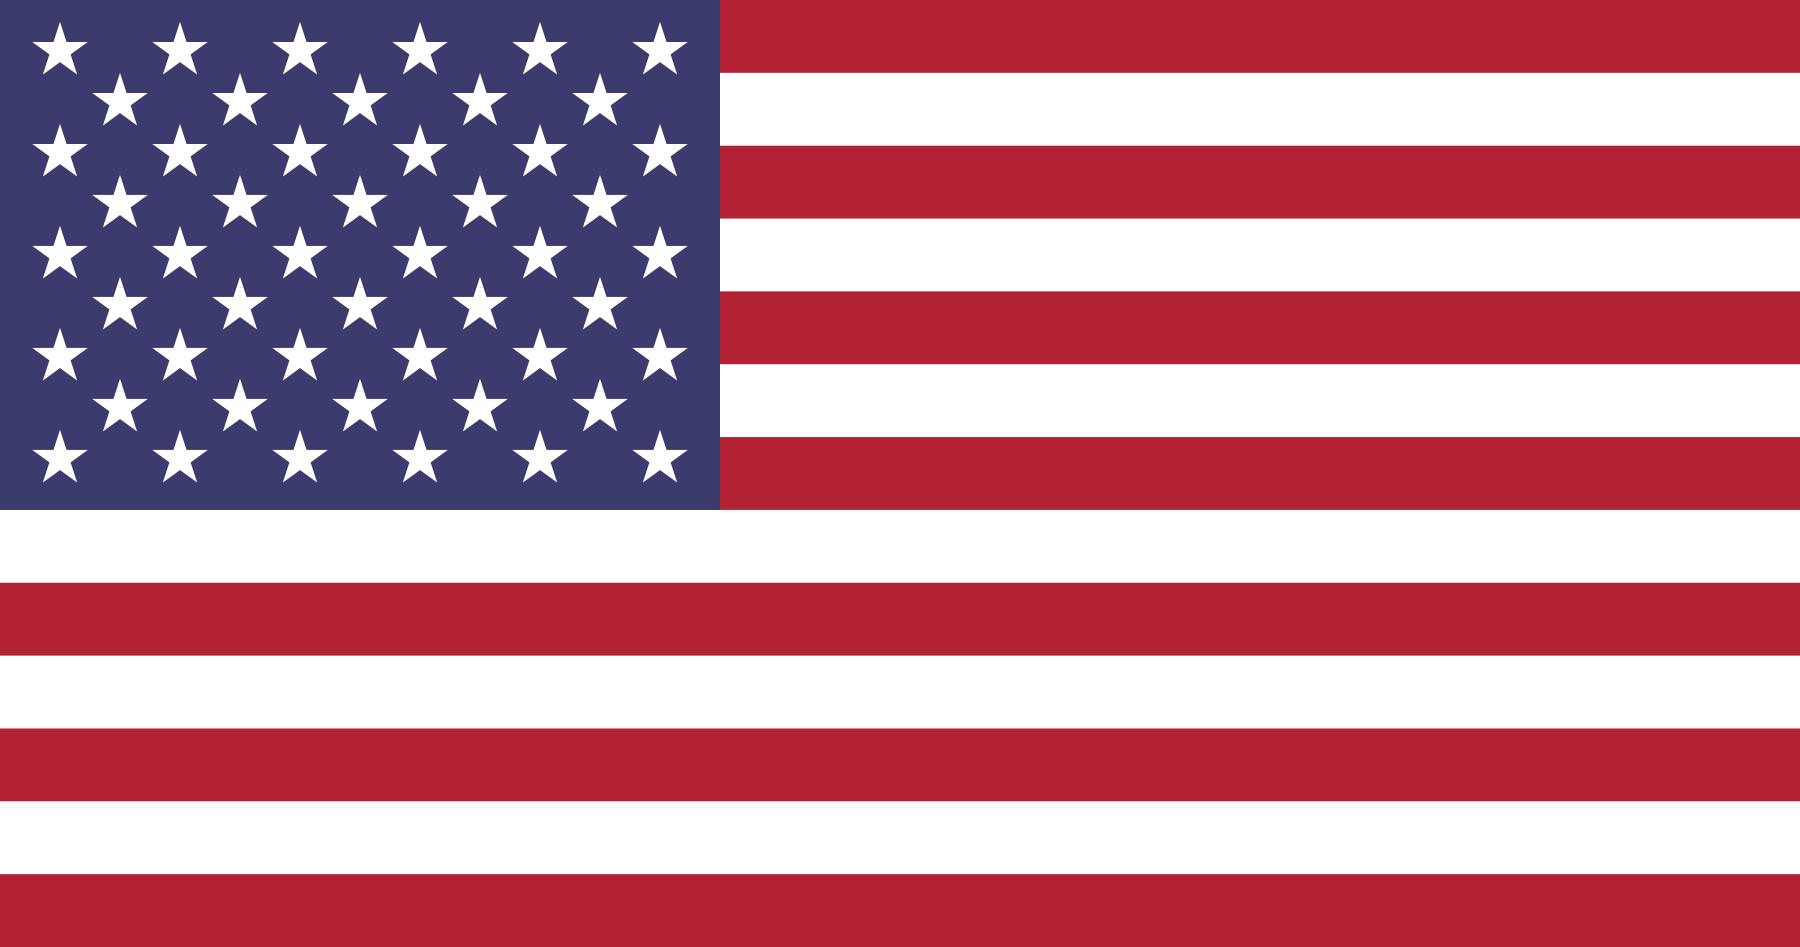 bandeira-dos-estados-unidos-eua-2